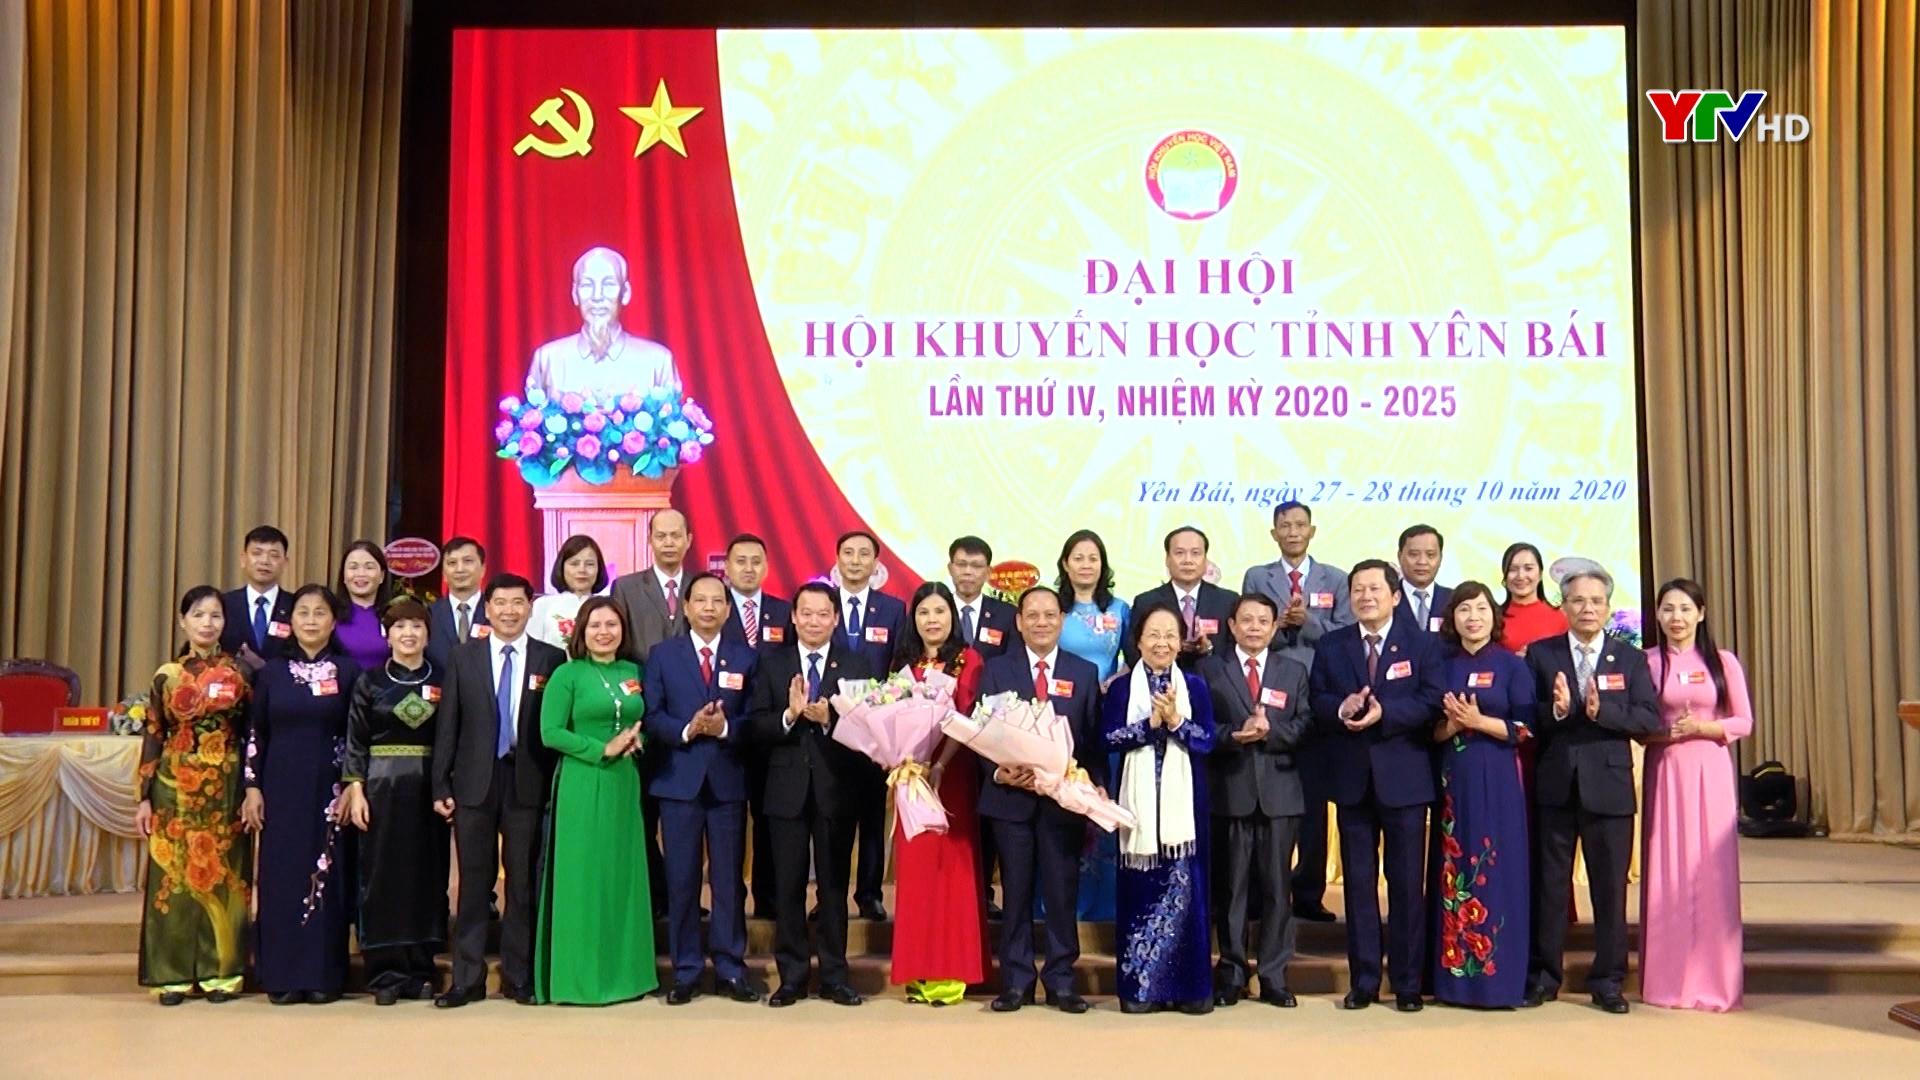 Hội Khuyến học tỉnh Yên Bái tổ chức thành công Đại hội lần thứ IV, nhiệm kỳ 2020-2025